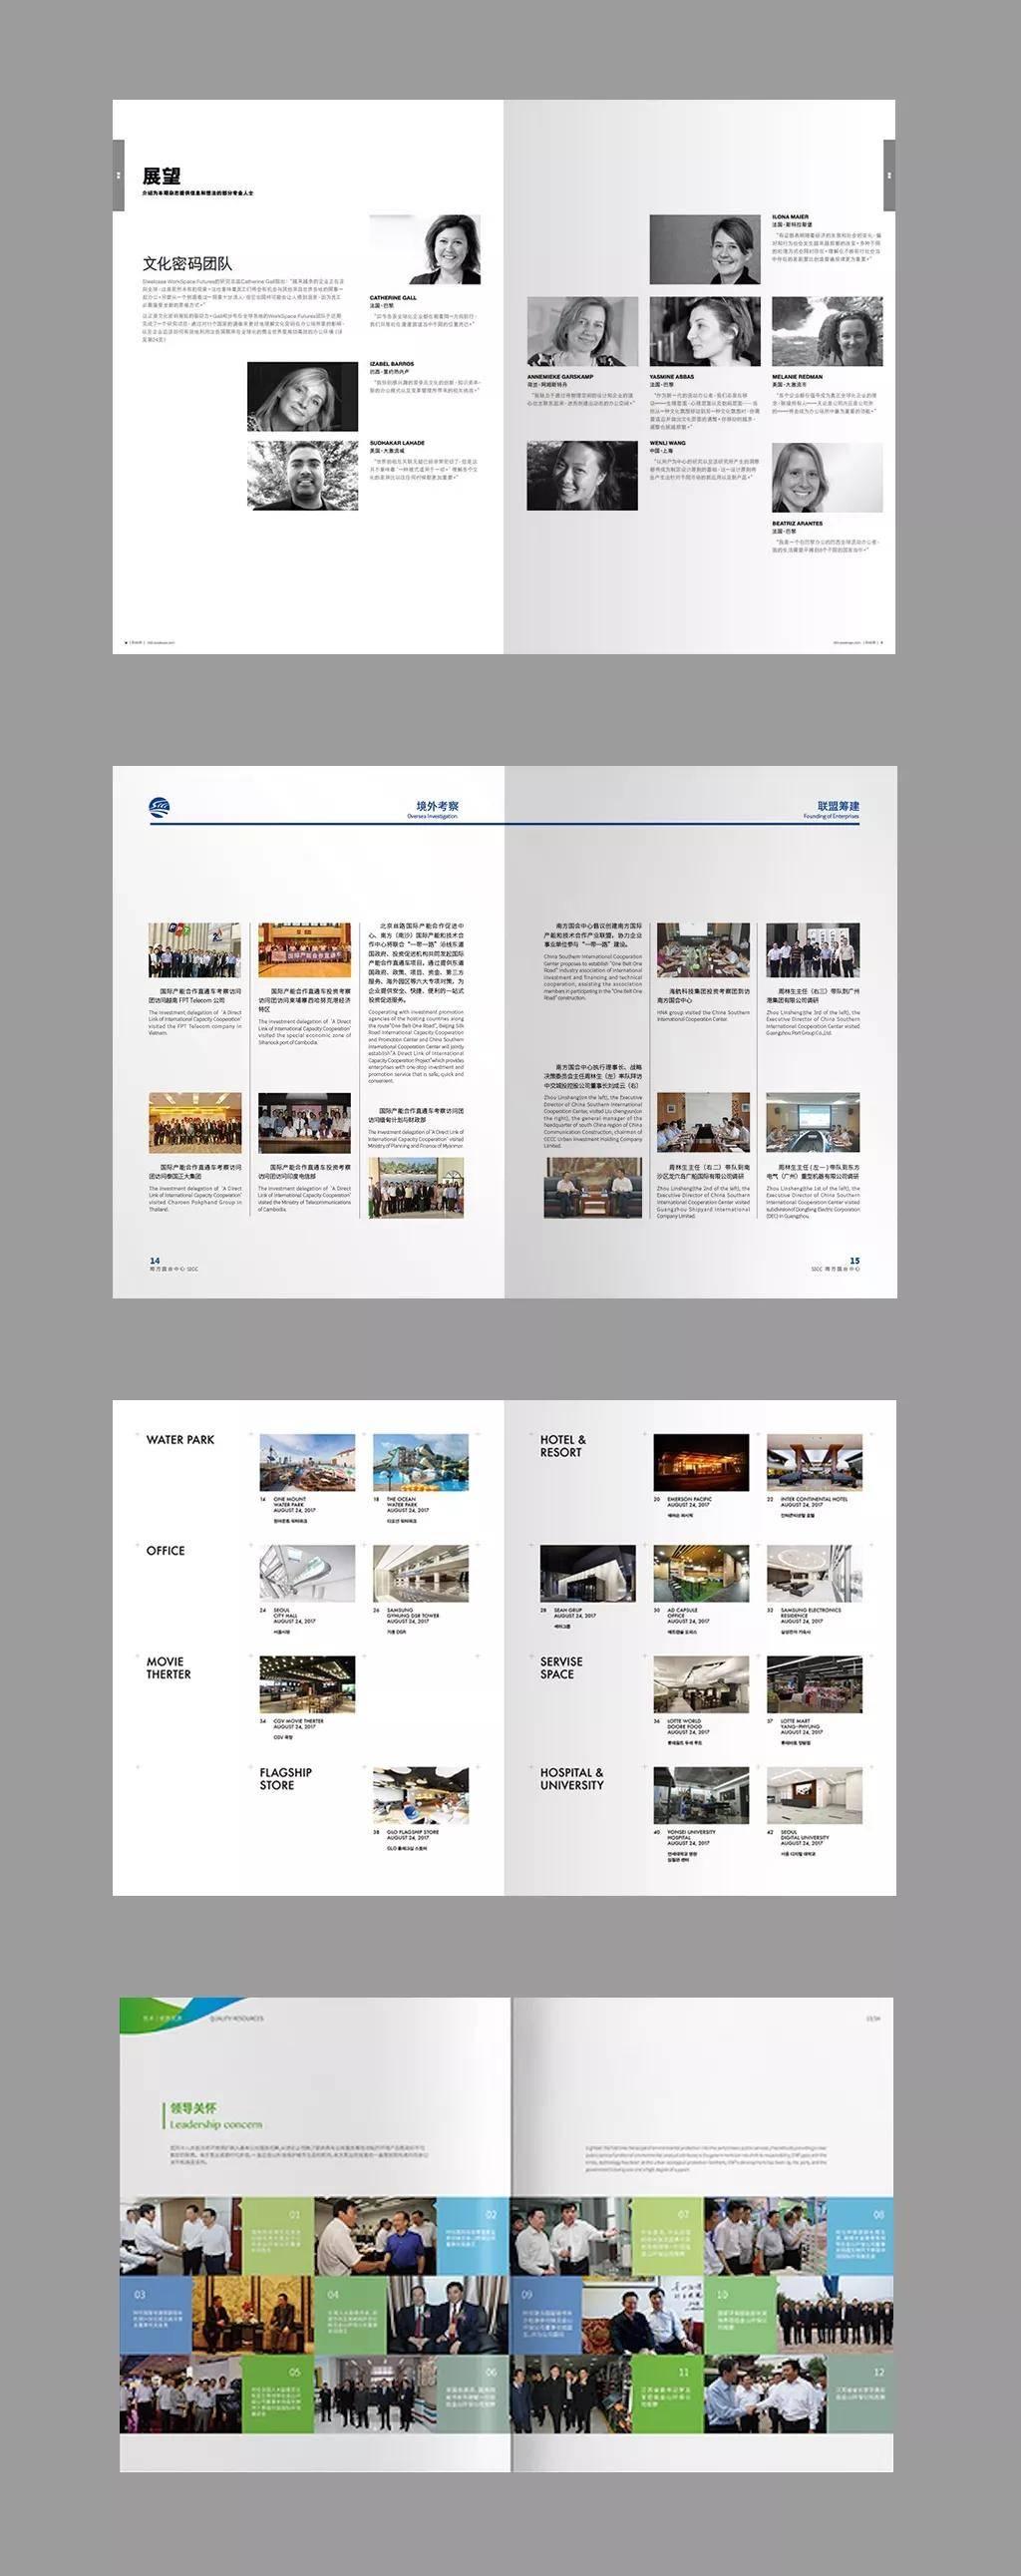 平面设计多图排版如何掌握这个高端技能